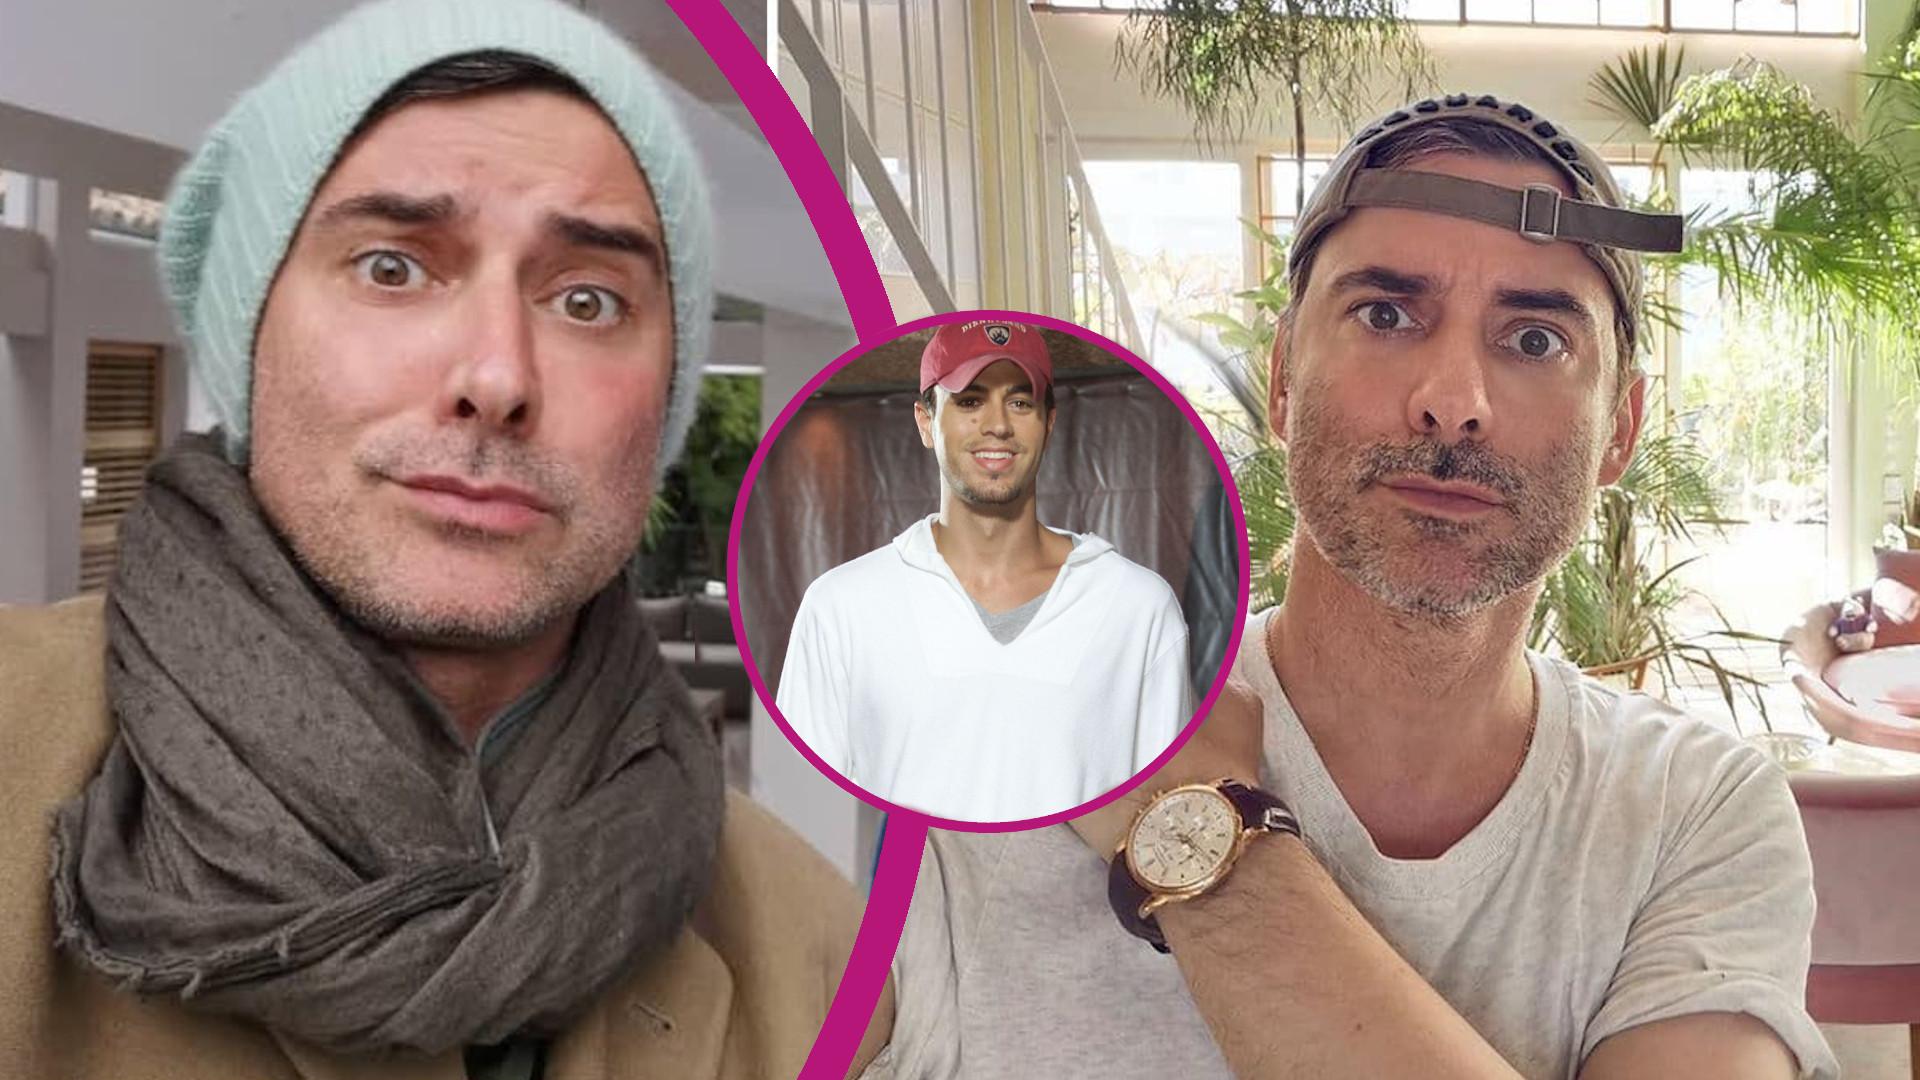 Nastoletni Marcin Tyszka wyglądał jak Enrique Iglesias?